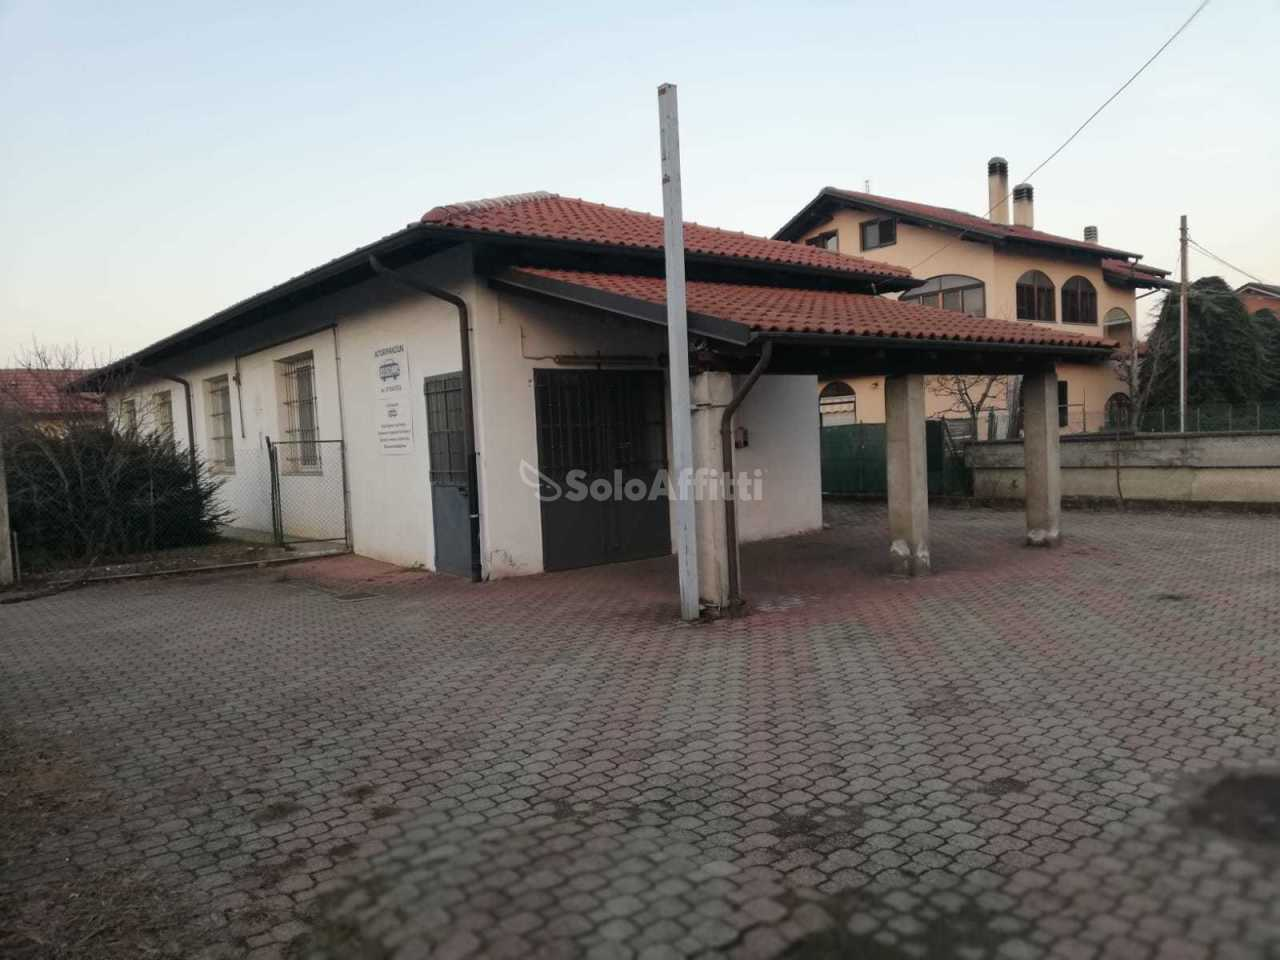 Fondo/negozio - 1 vetrina/luce a Rivalta di Torino Rif. 12000185